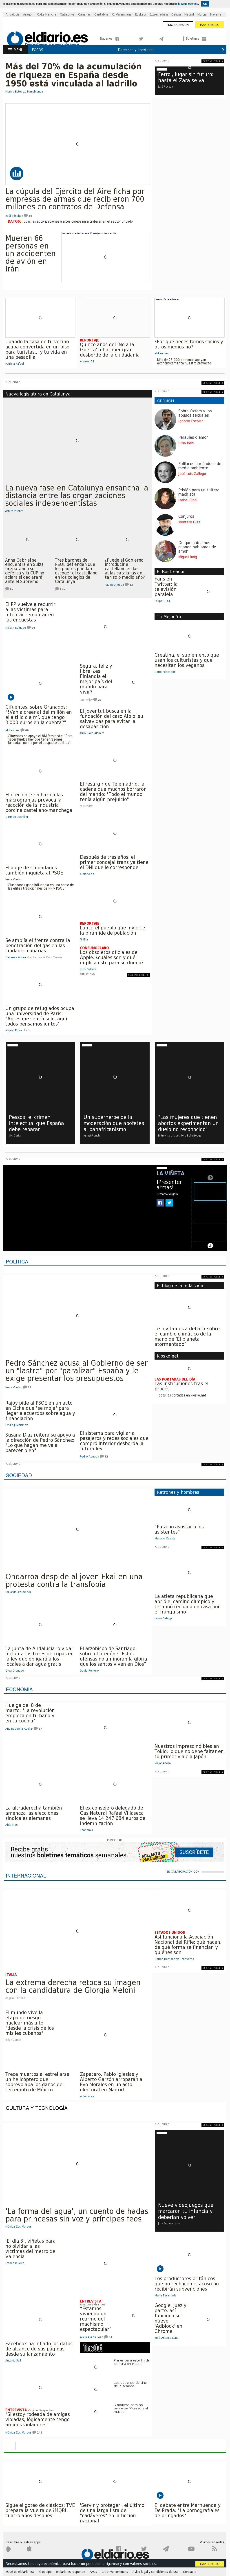 El Diario at Sunday Feb. 18, 2018, 12:04 p.m. UTC